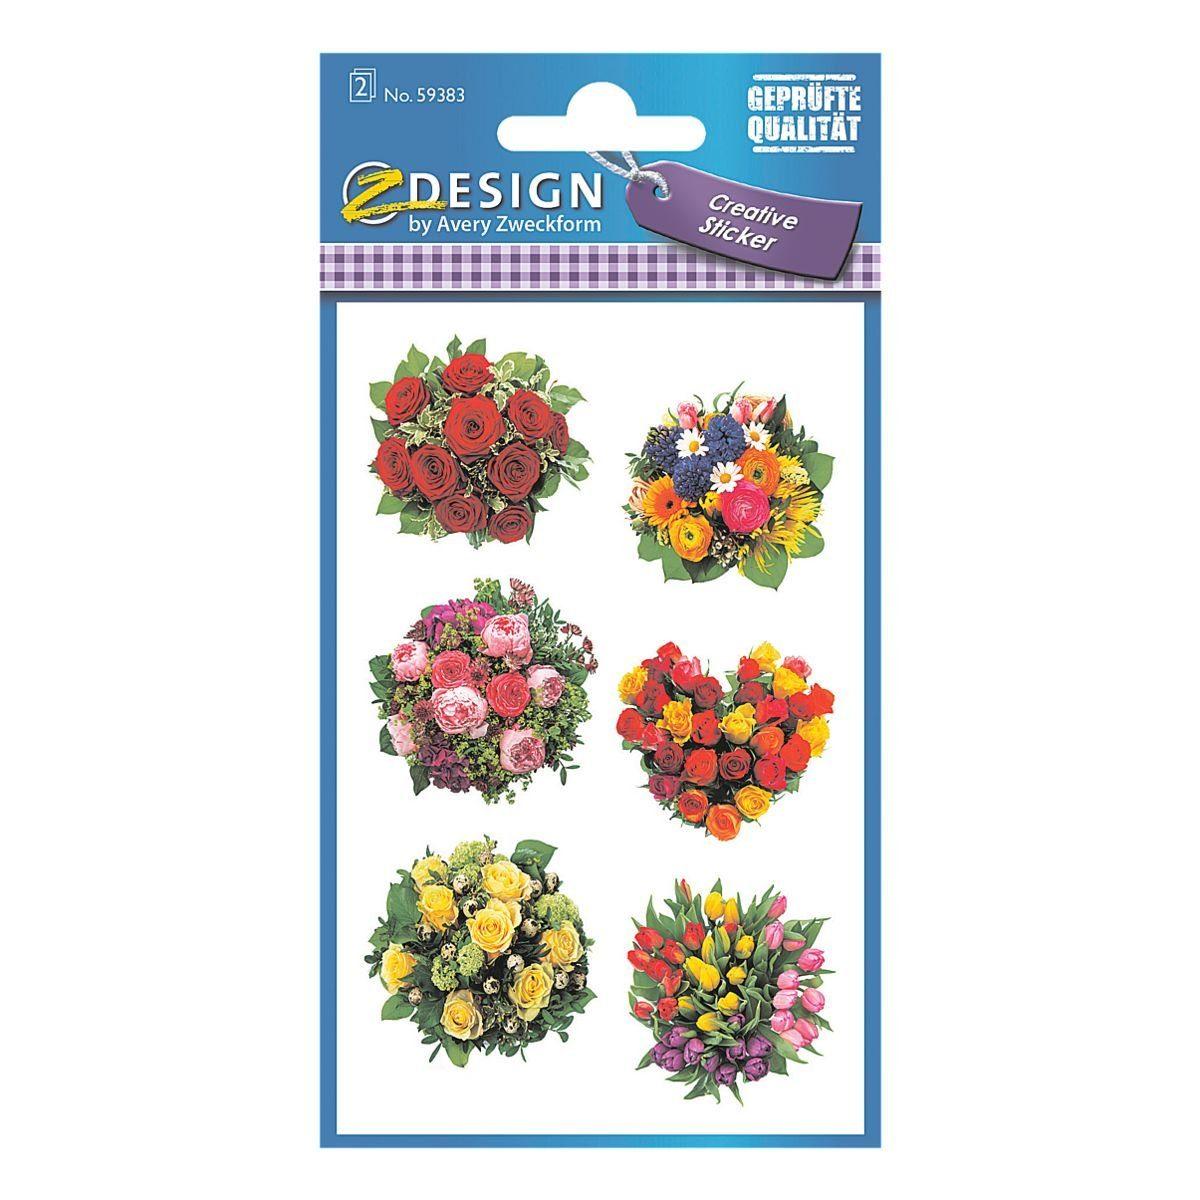 Z-Design Papier Sticker »Blumensträuße«